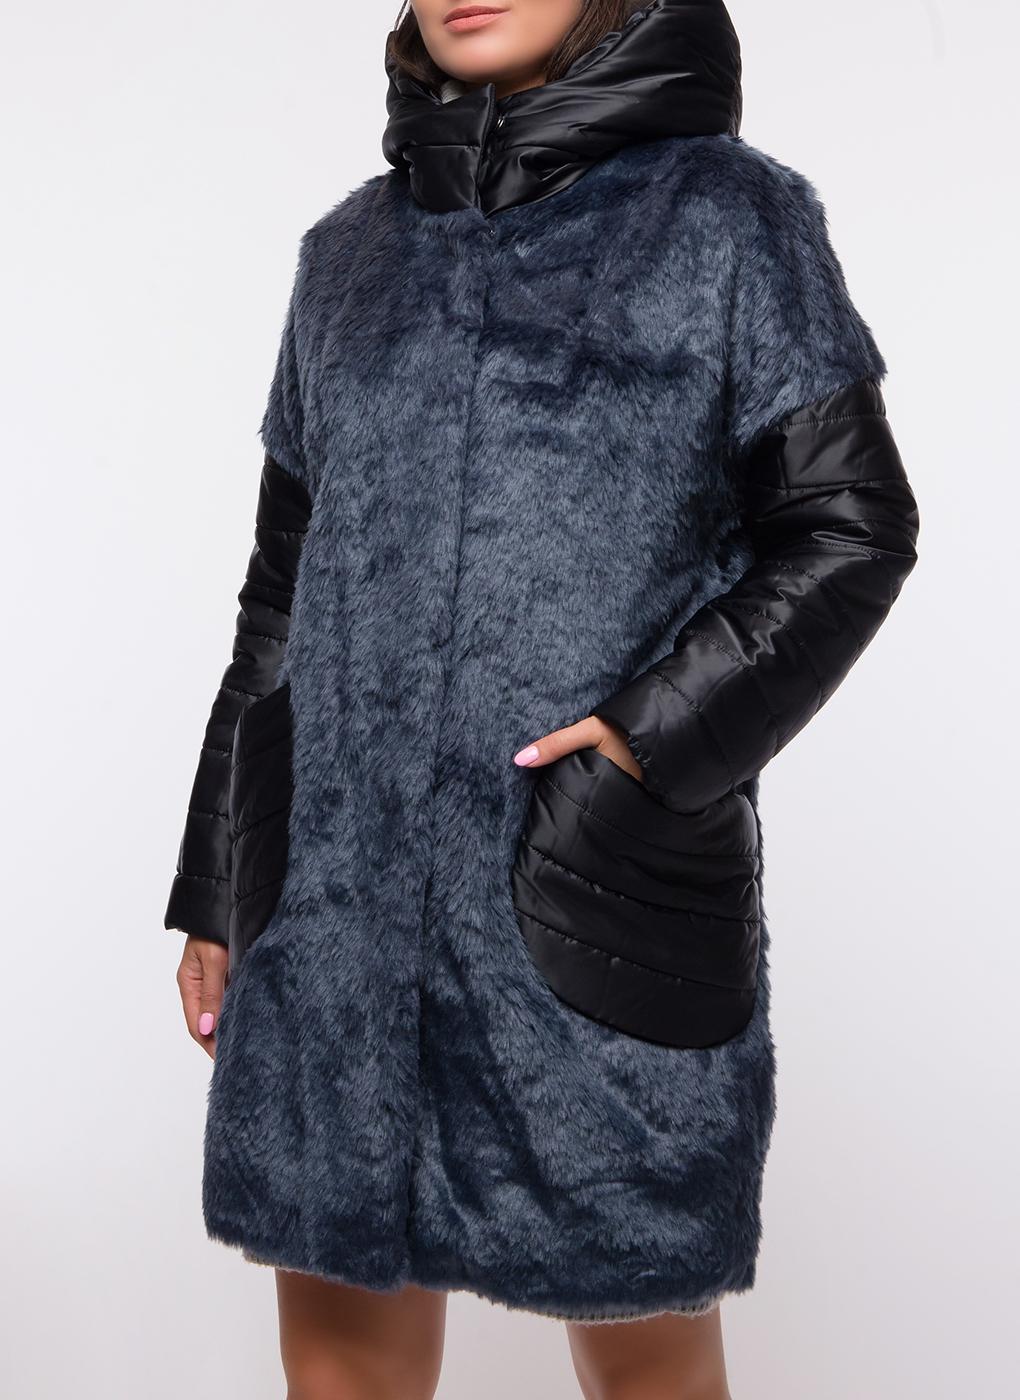 Пальто прямое фактурное 52, ElectraStyle фото